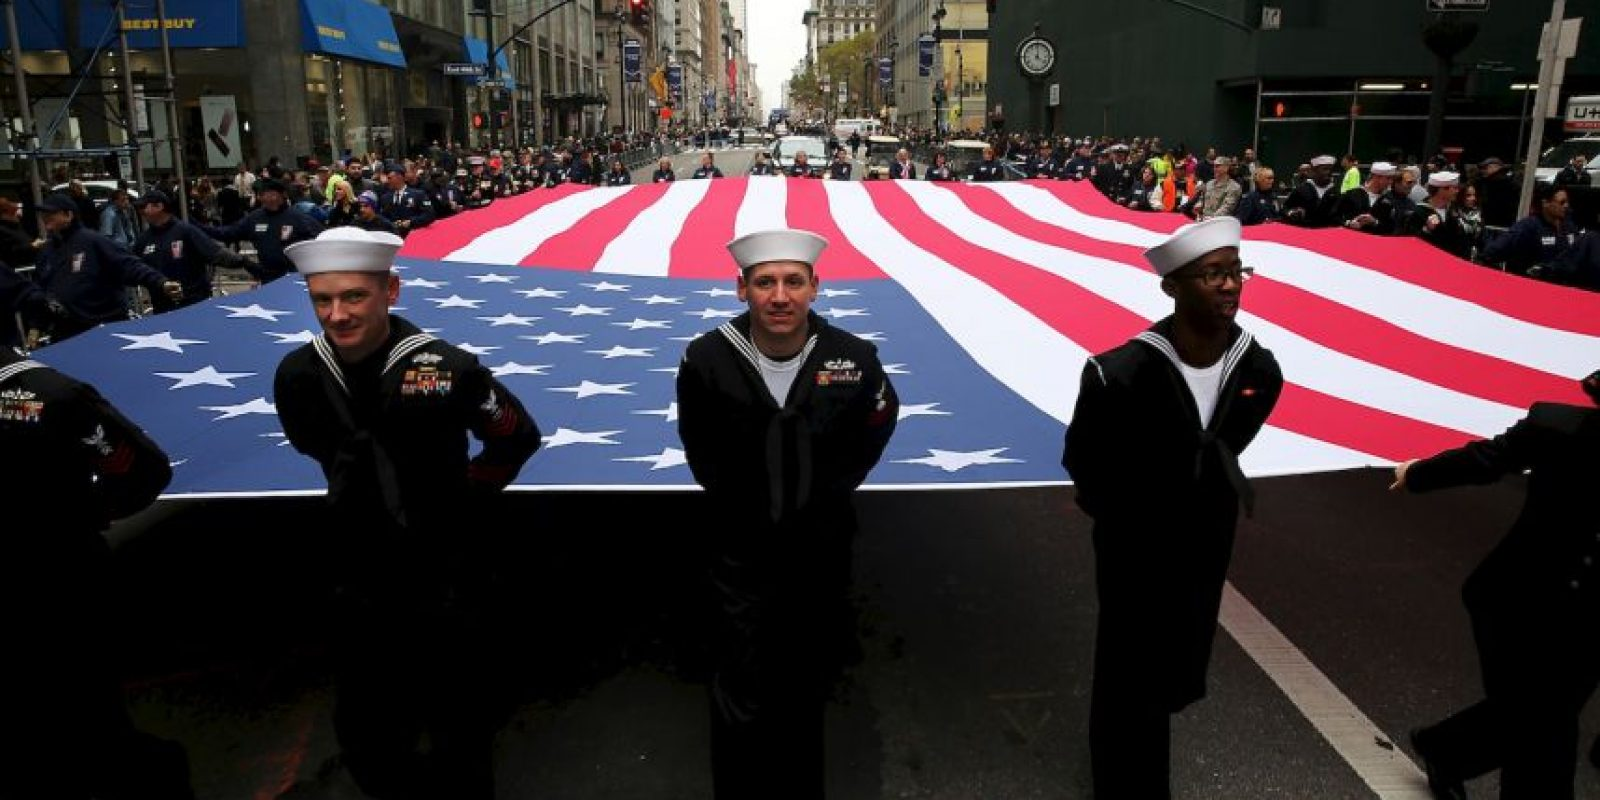 El presidente agregó que aún falta mucho por hacer en pro de aquellos que sirvieron al país. Foto:Getty Images